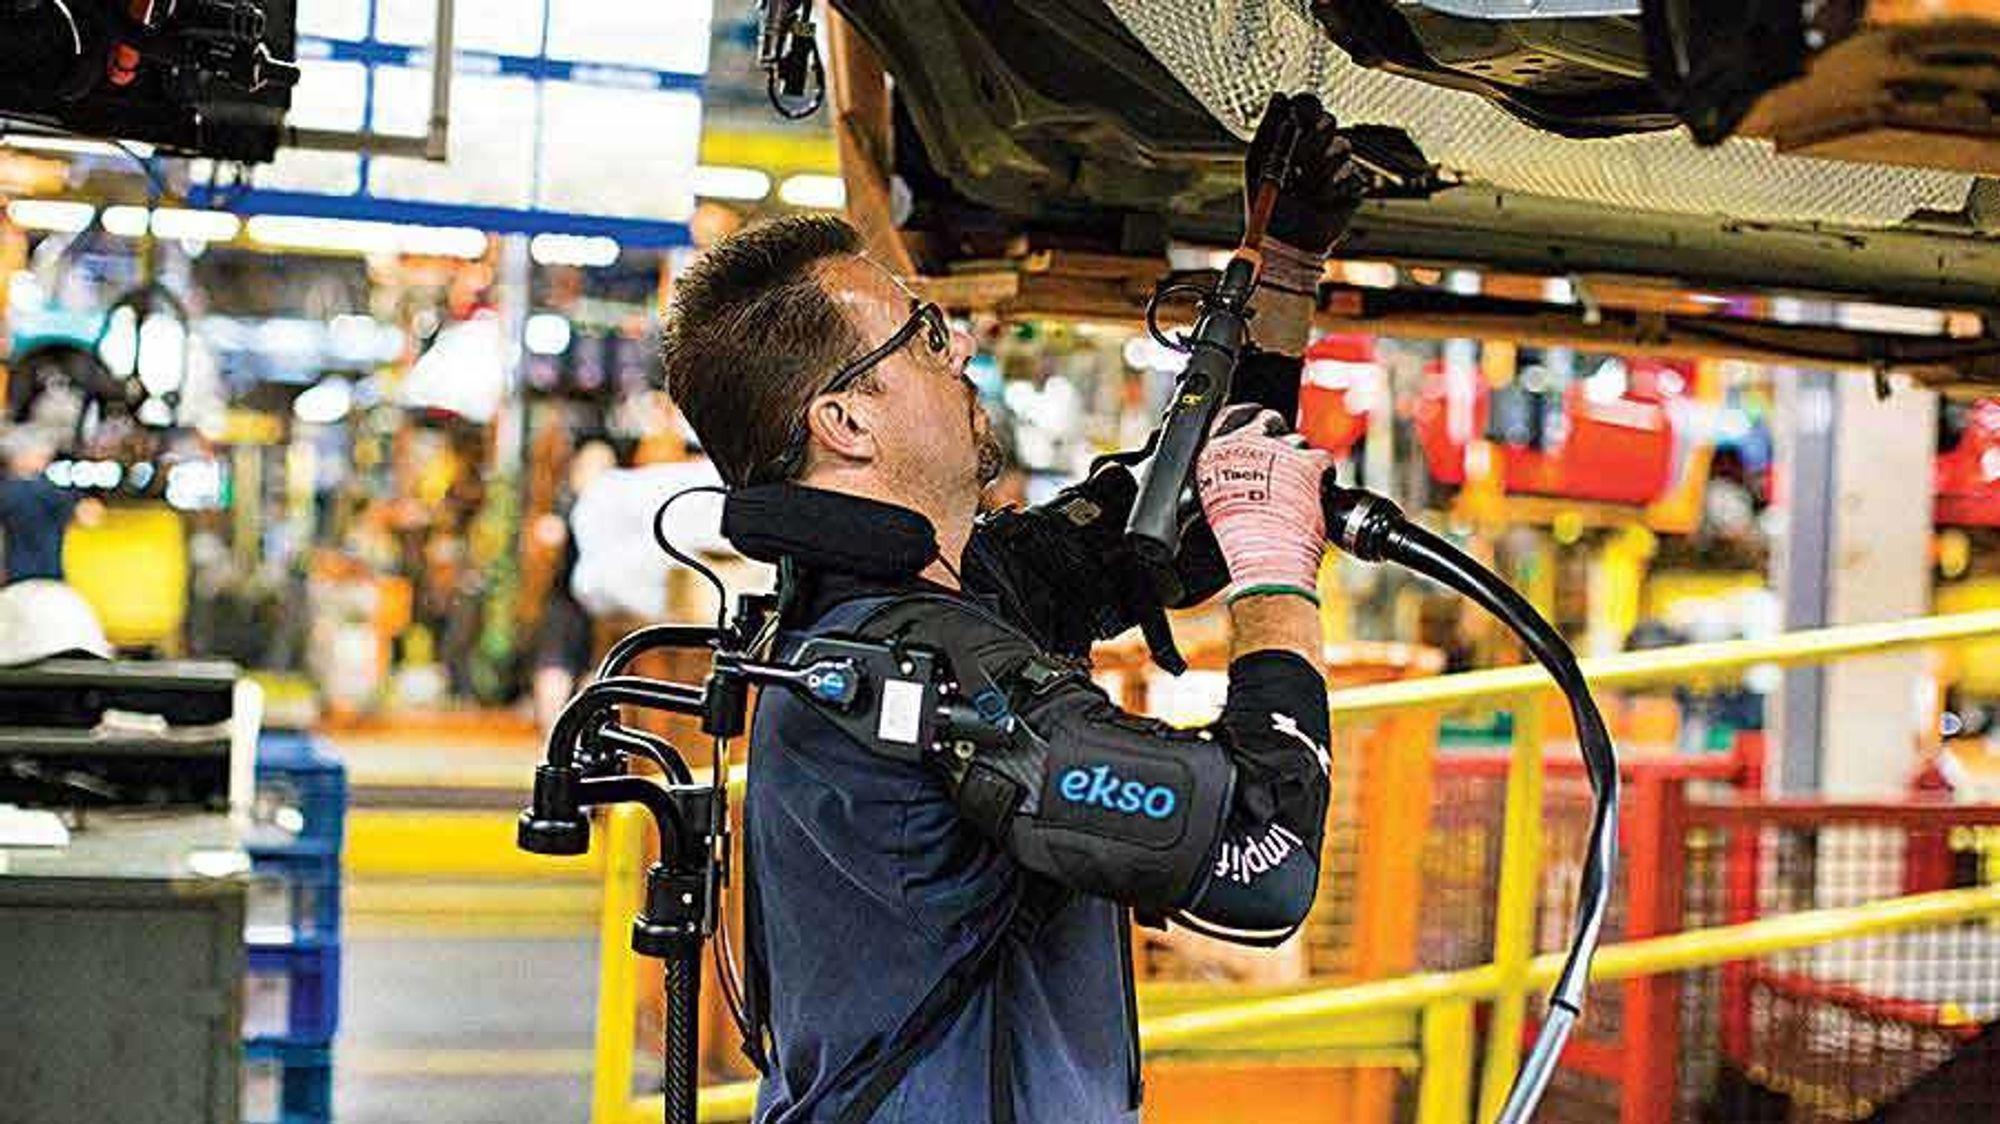 Hos bilprodusenten Ford har de også eksperimentert med eksoskjeletter. I høst ble det kjøpt inn 75 stykker til en fabrikk i USA.